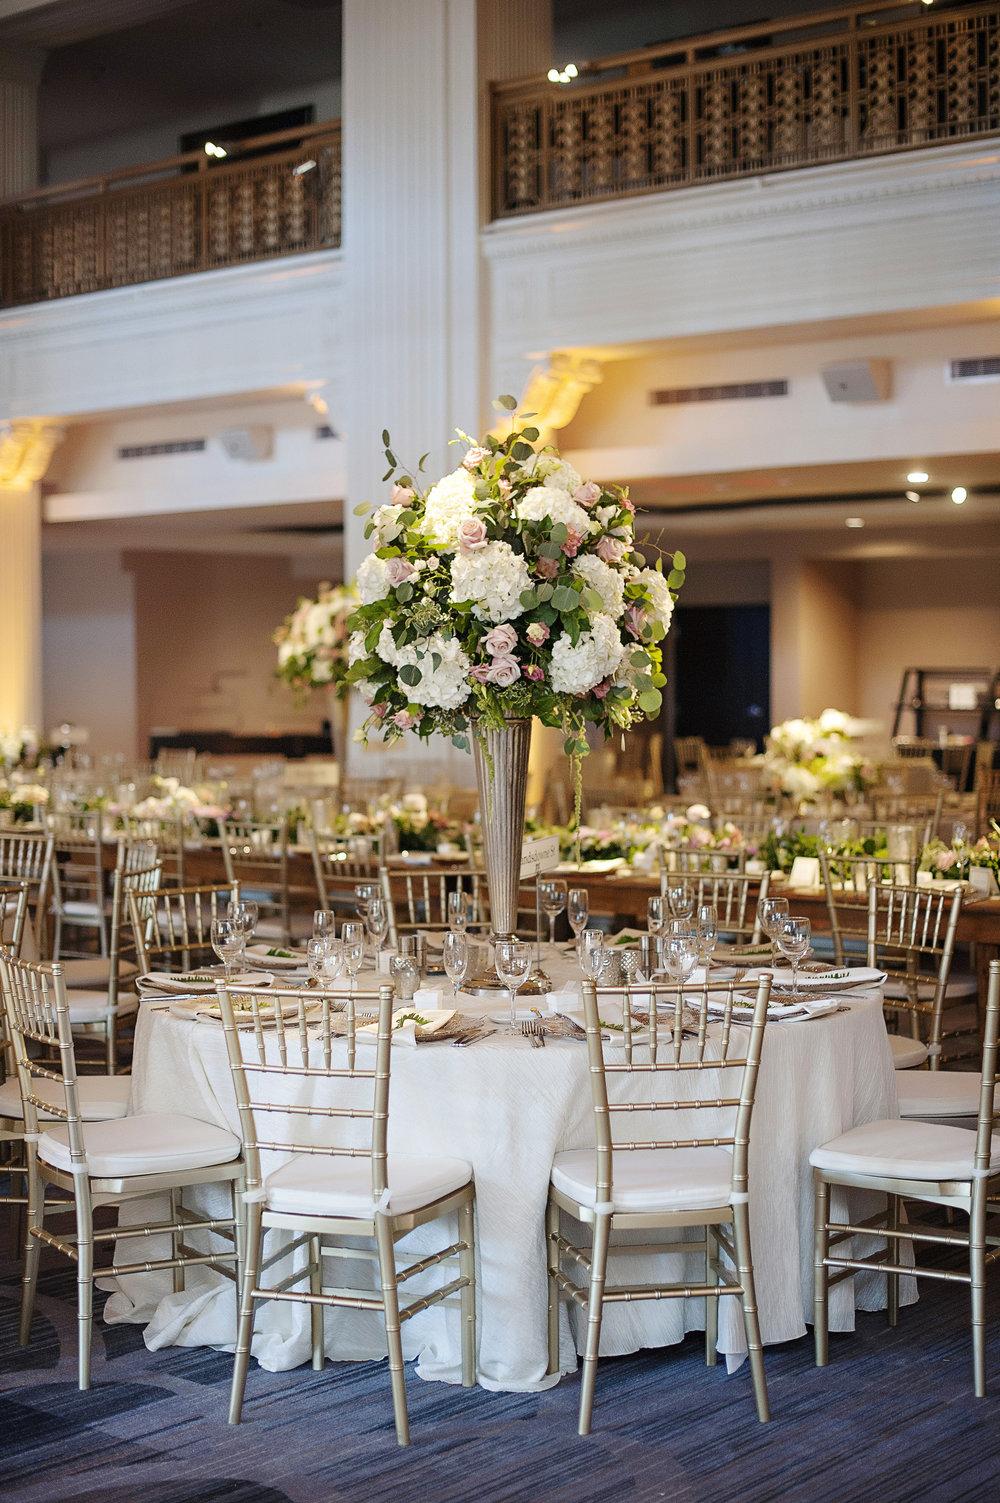 The Renaissance Garden Theme Wedding